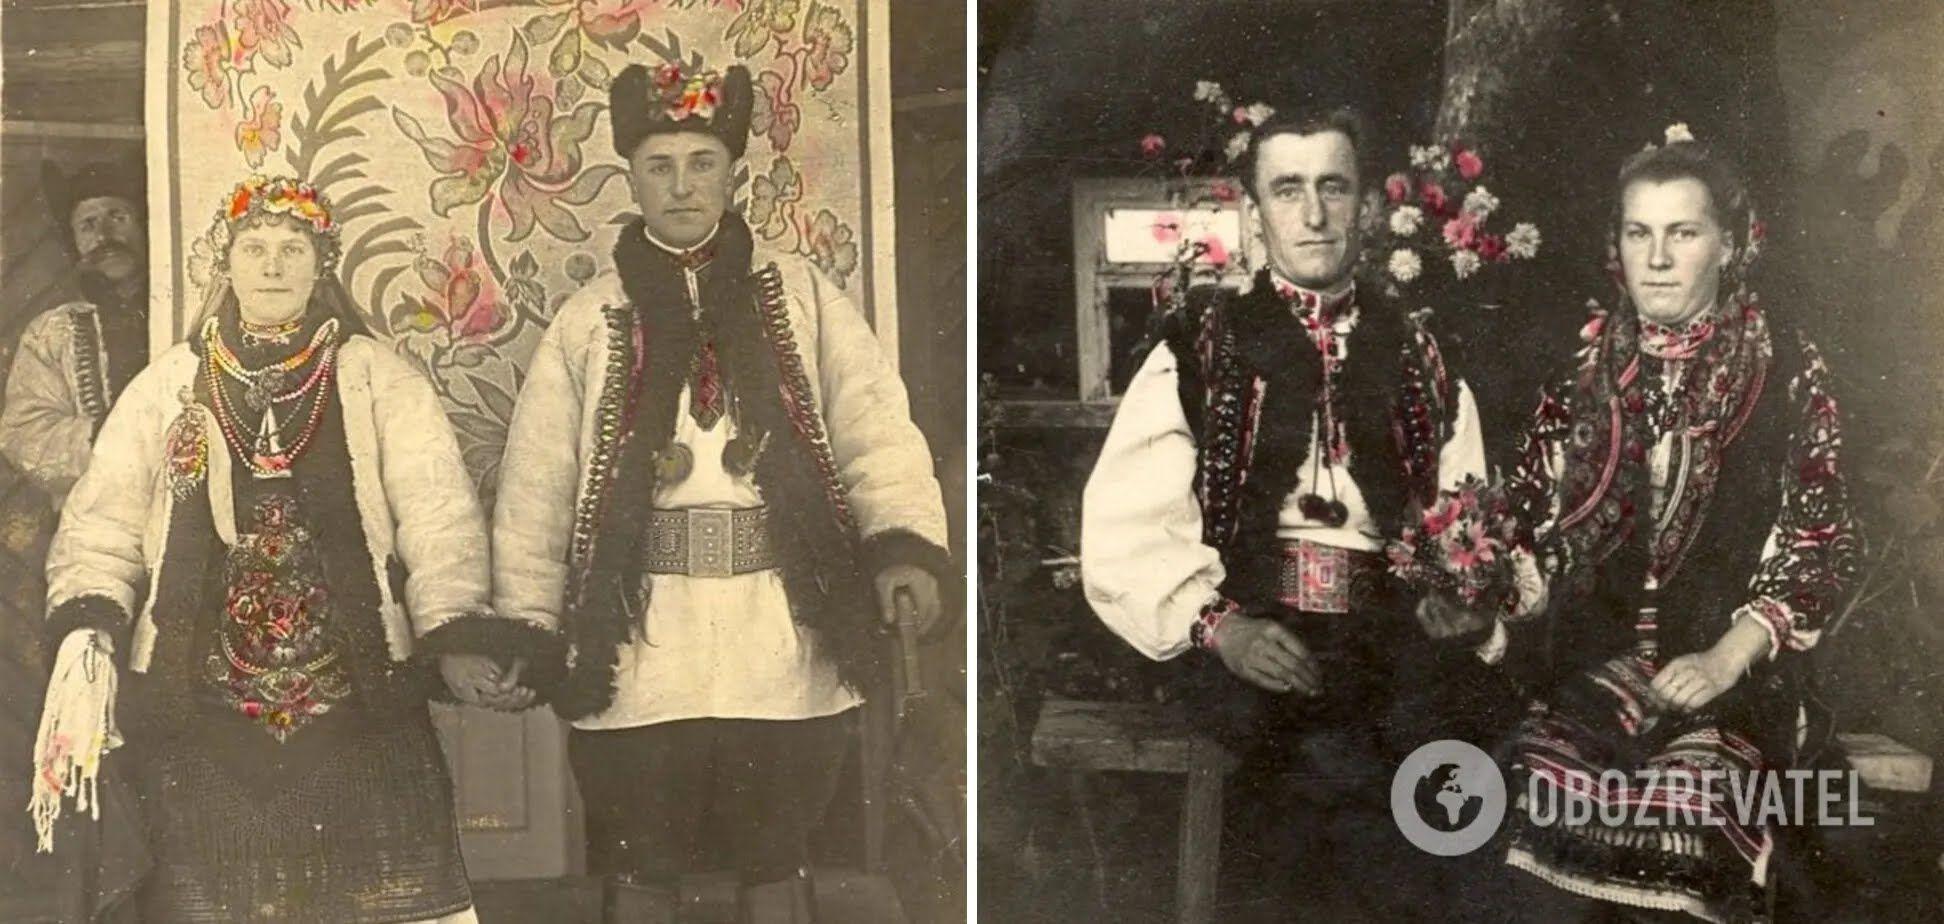 Молодожены на Гуцульщине в 60-70-годах ХХ века.